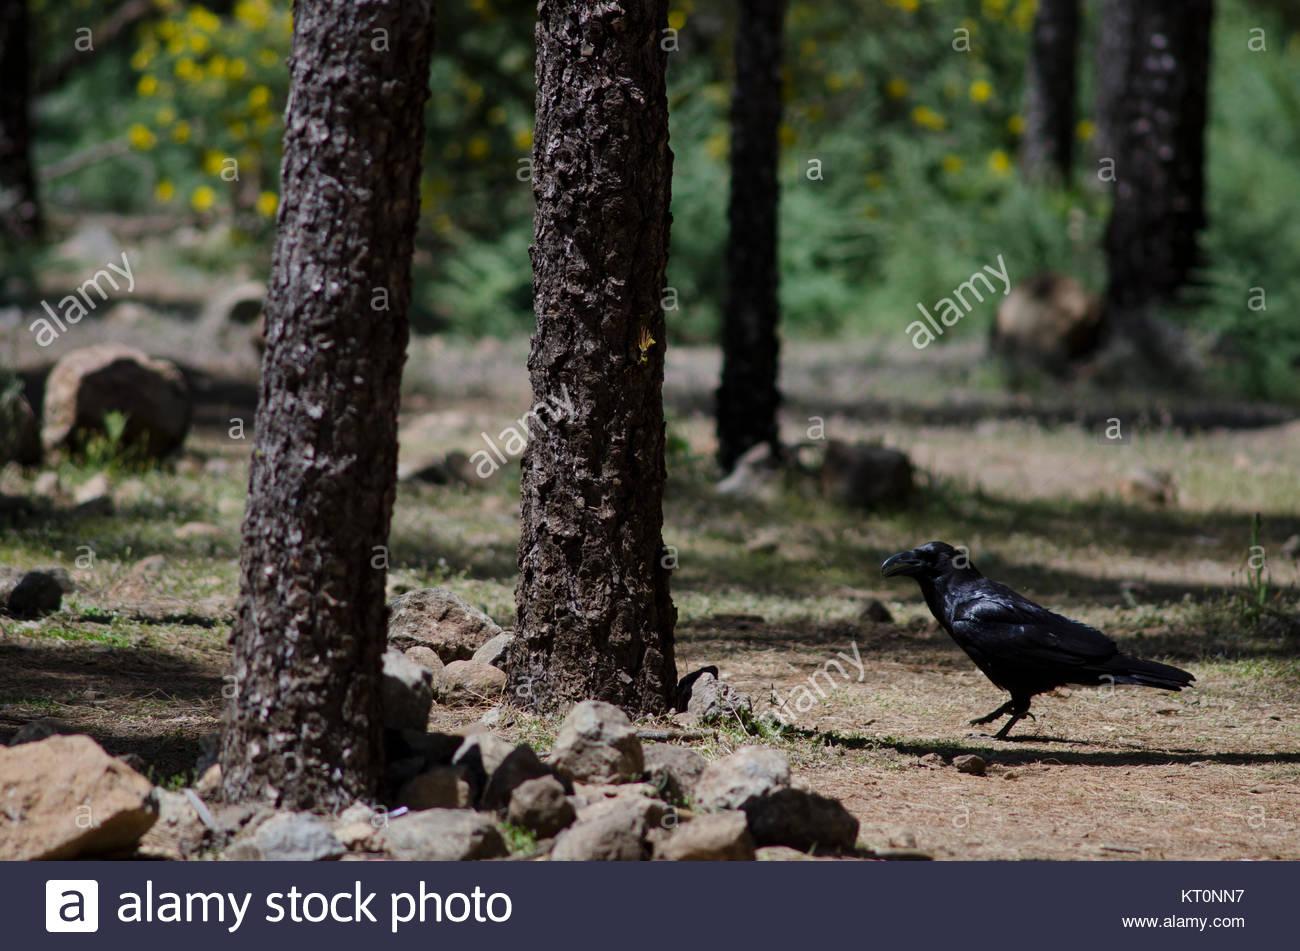 Kolkrabe (Corvus Corax). Bailico. Die nublo ländlichen Park. Tejeda. Gran Canaria. Kanarischen Inseln. Spanien. Stockbild